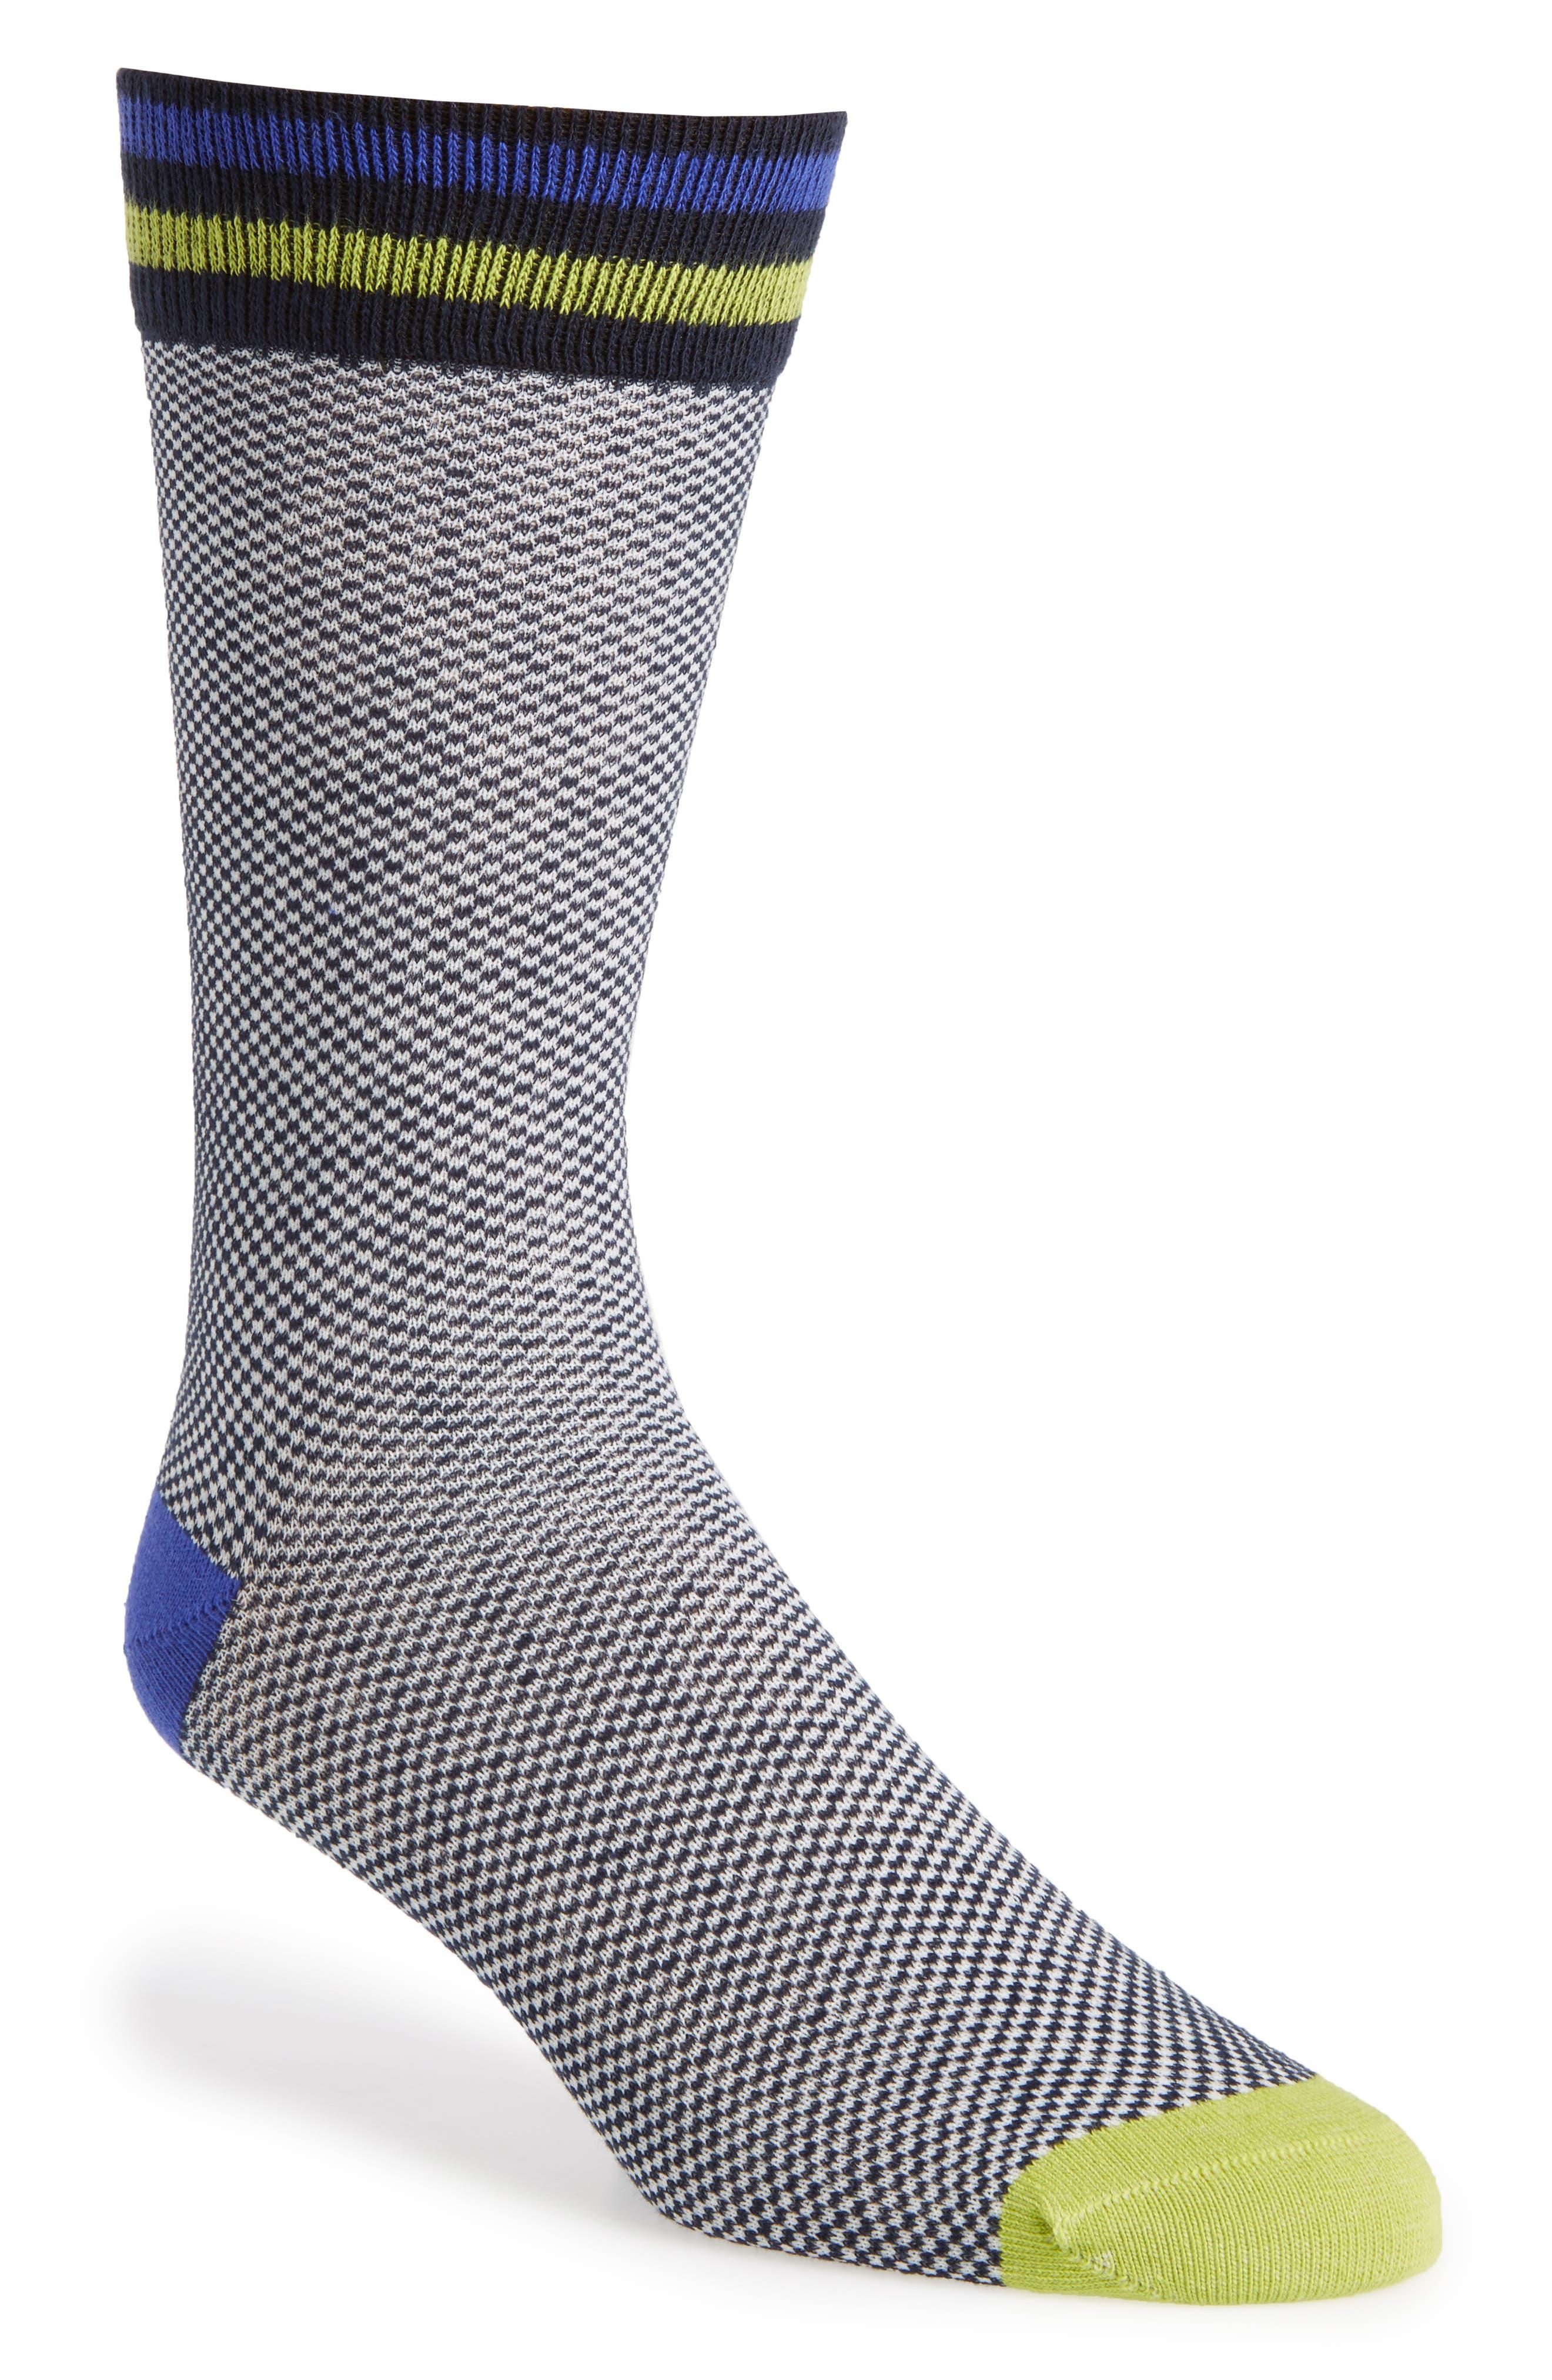 Oxford Socks,                         Main,                         color, Navy/ White